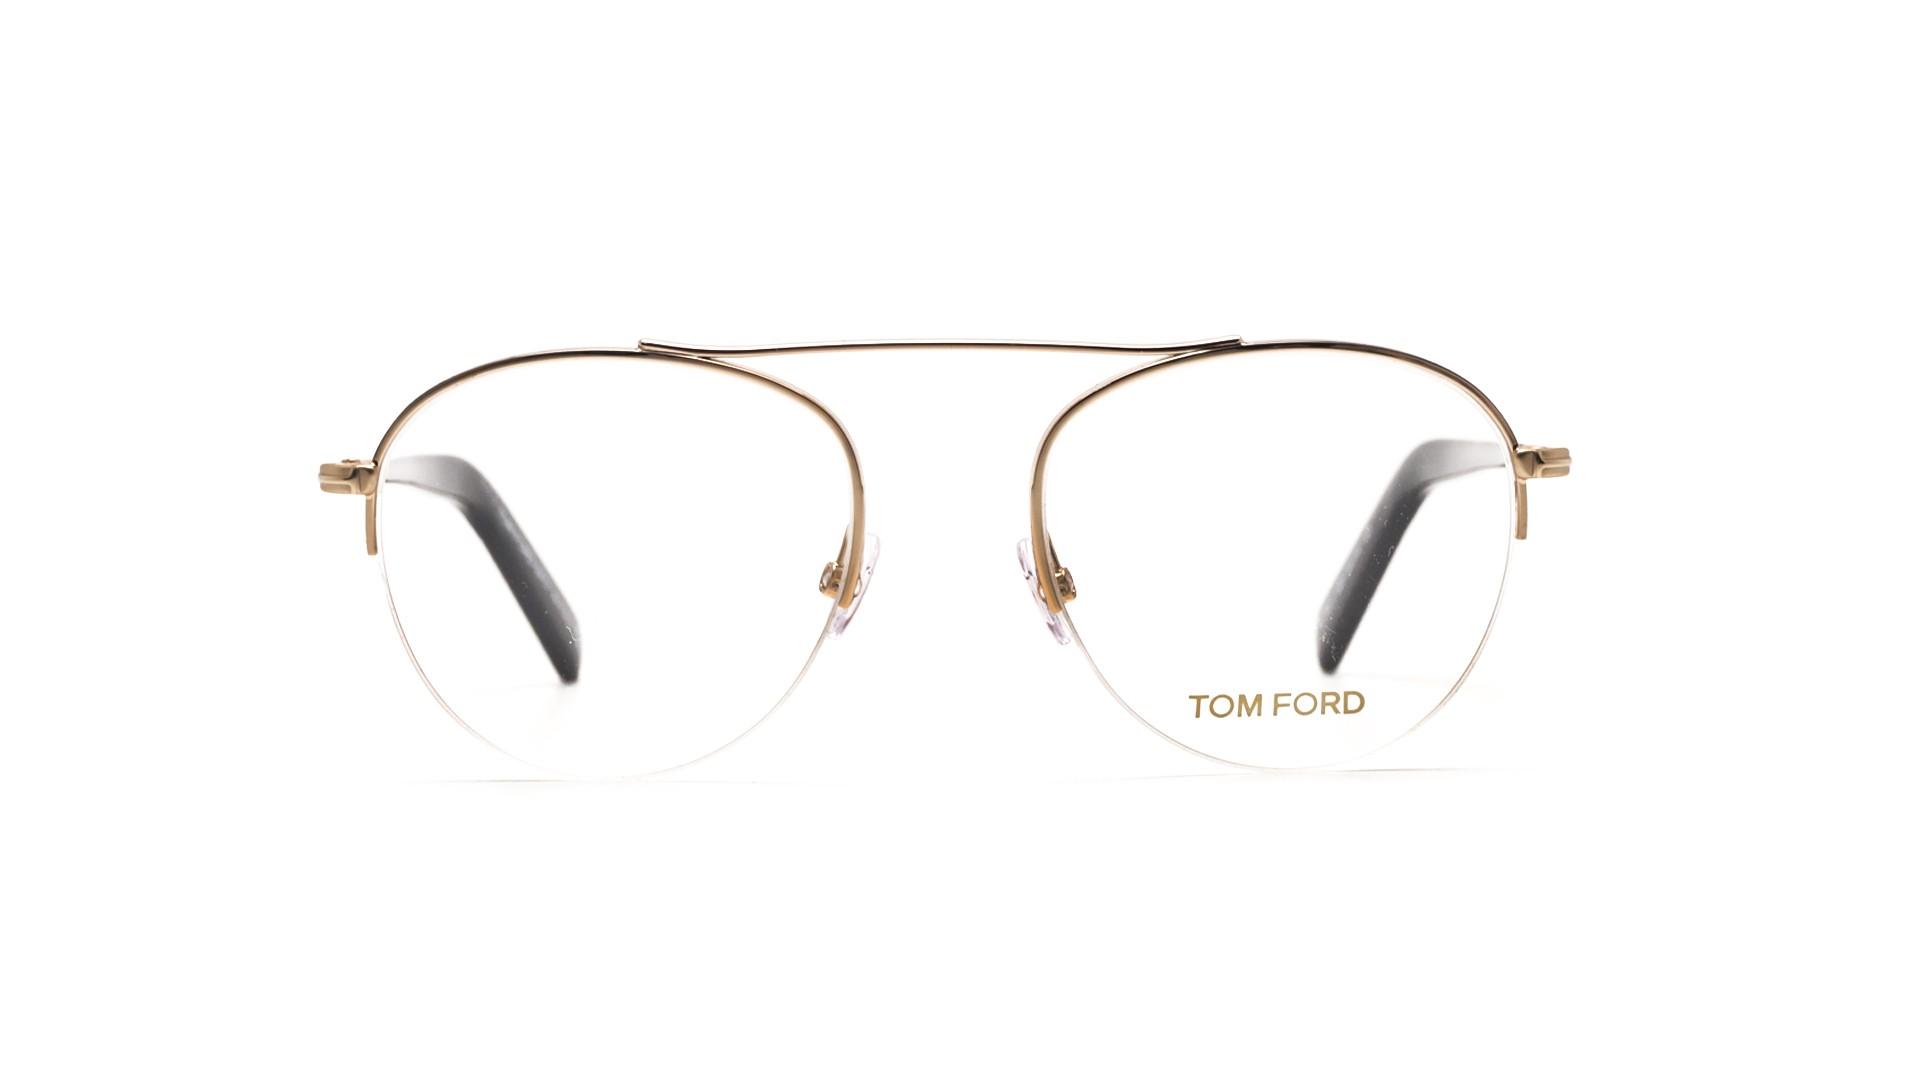 78b6f71eb1574 Eyeglasses Tom Ford FT5451 028 50-19 Gold Small